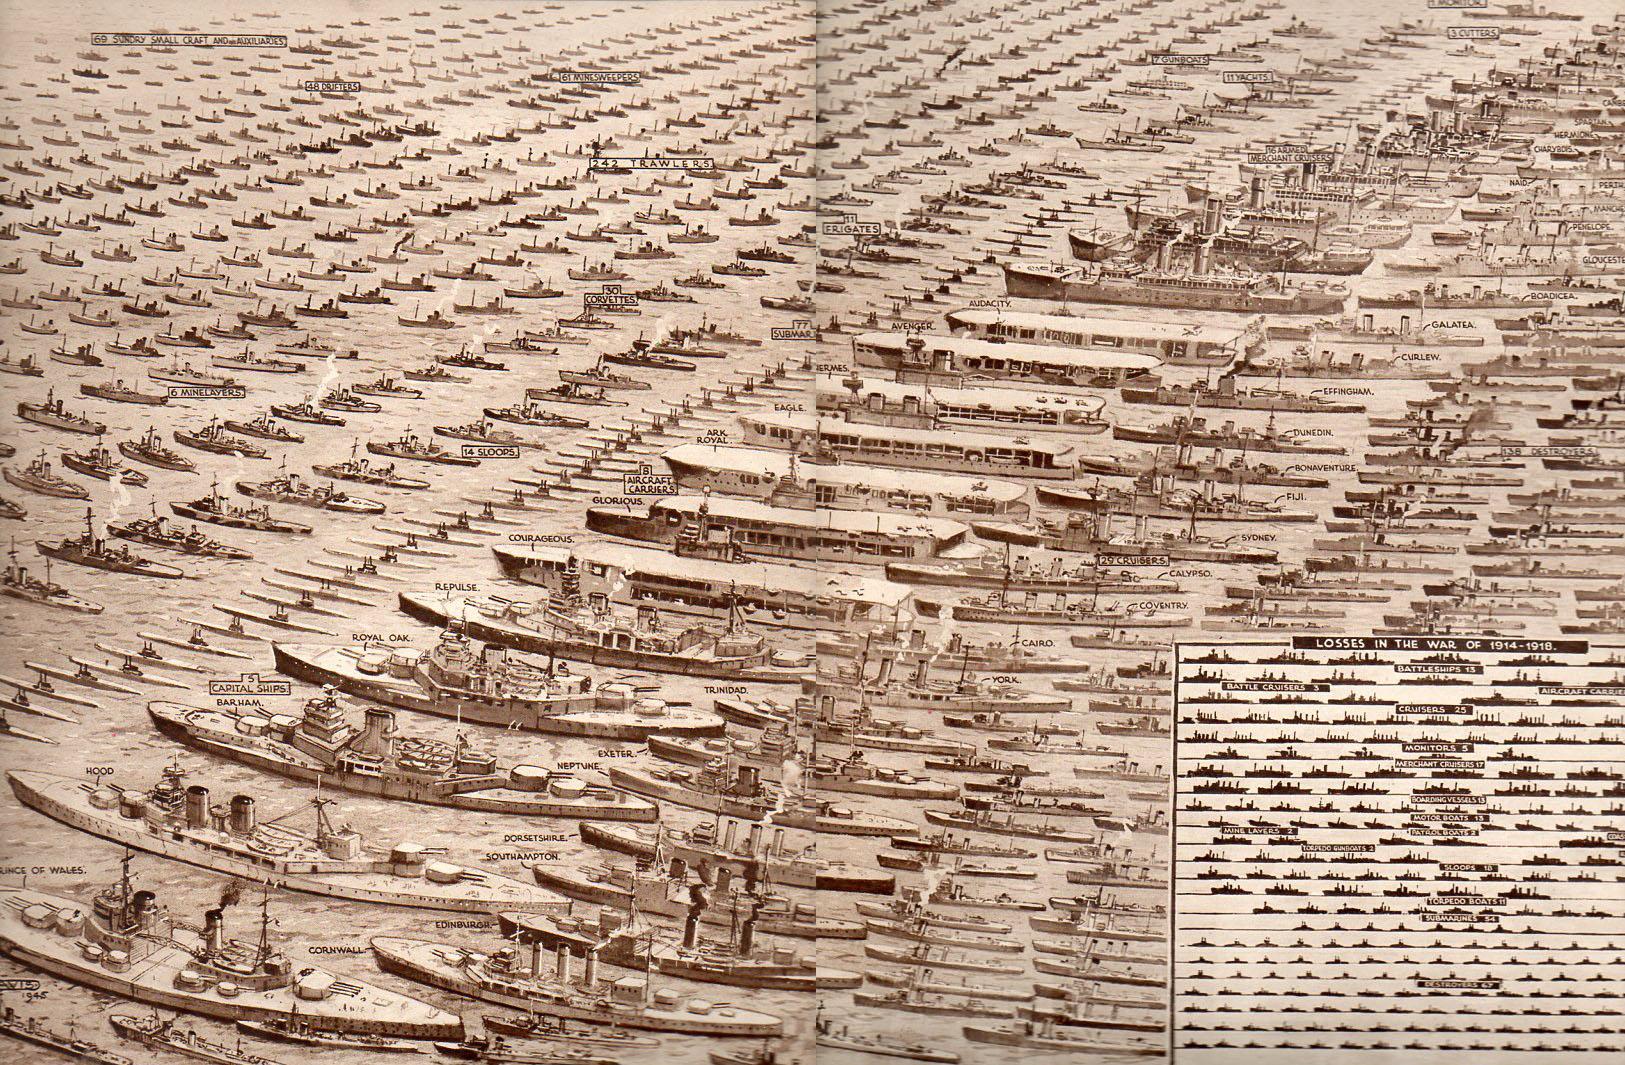 Bateaux perdus par l'angleterre pendant la seconde guerre mondiale